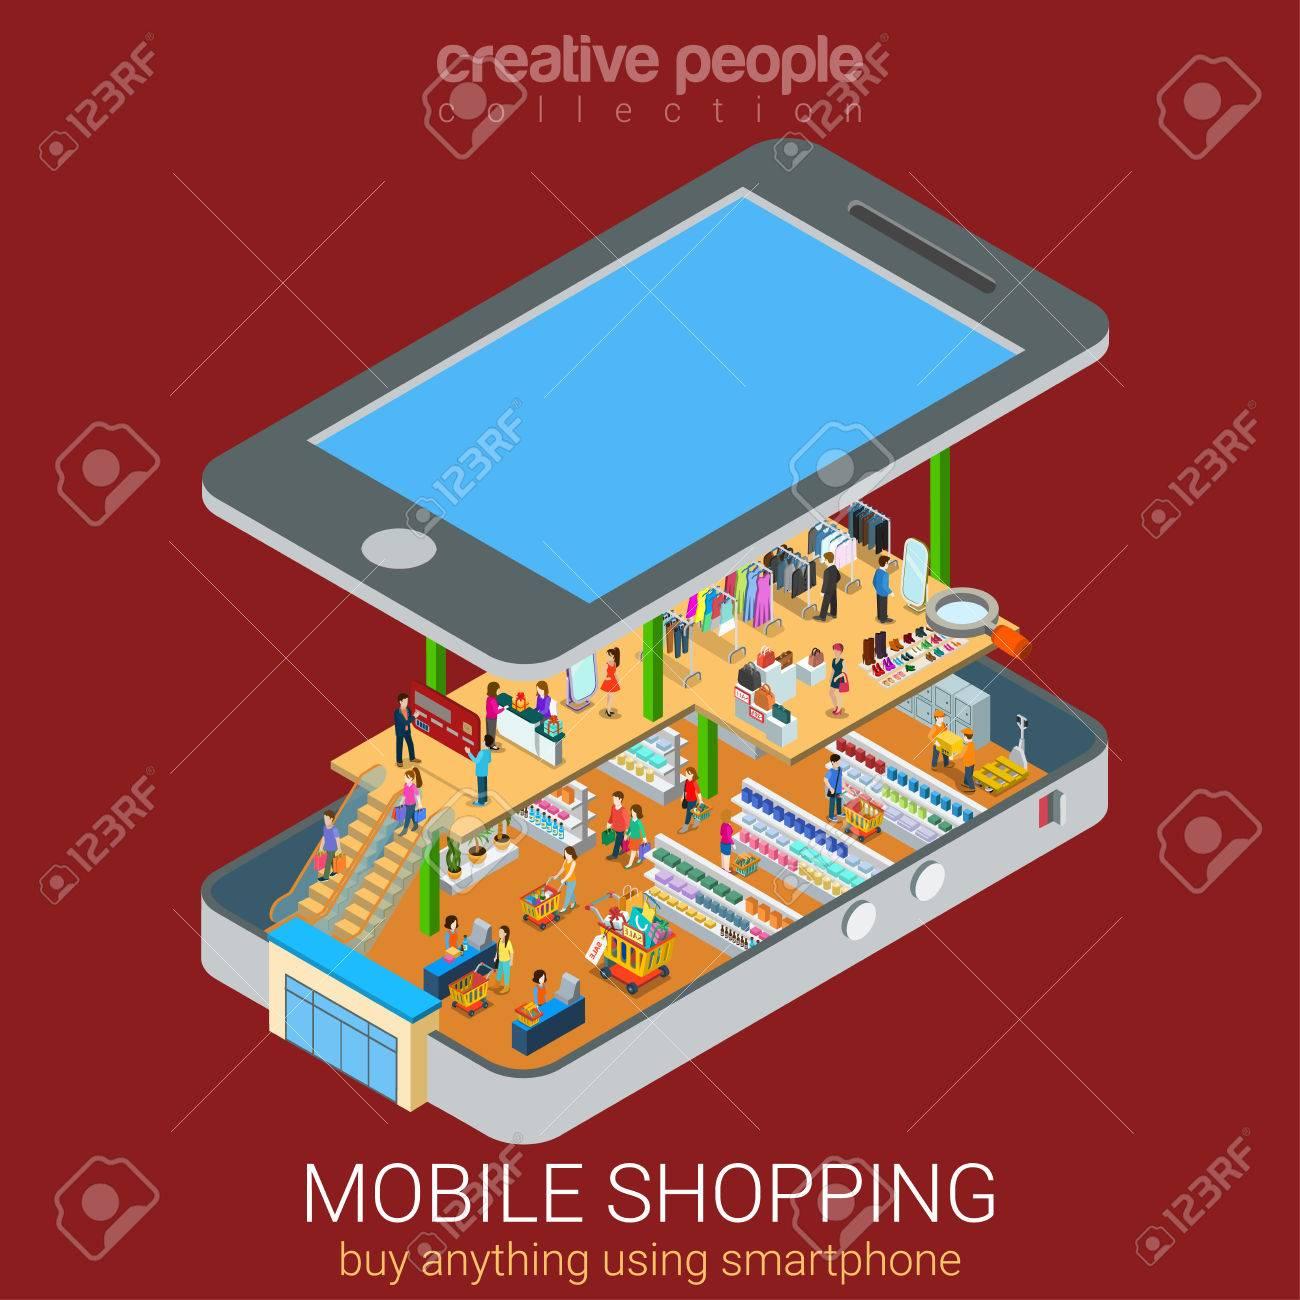 De compras de comercio electrónico móvil supermercado en línea plana 3d web isométrica vectorial concepto de infografía y comercio electrónico, las ventas. Los compradores de los clientes dentro de teléfono inteligente grande entre los estantes con productos. Foto de archivo - 48577233